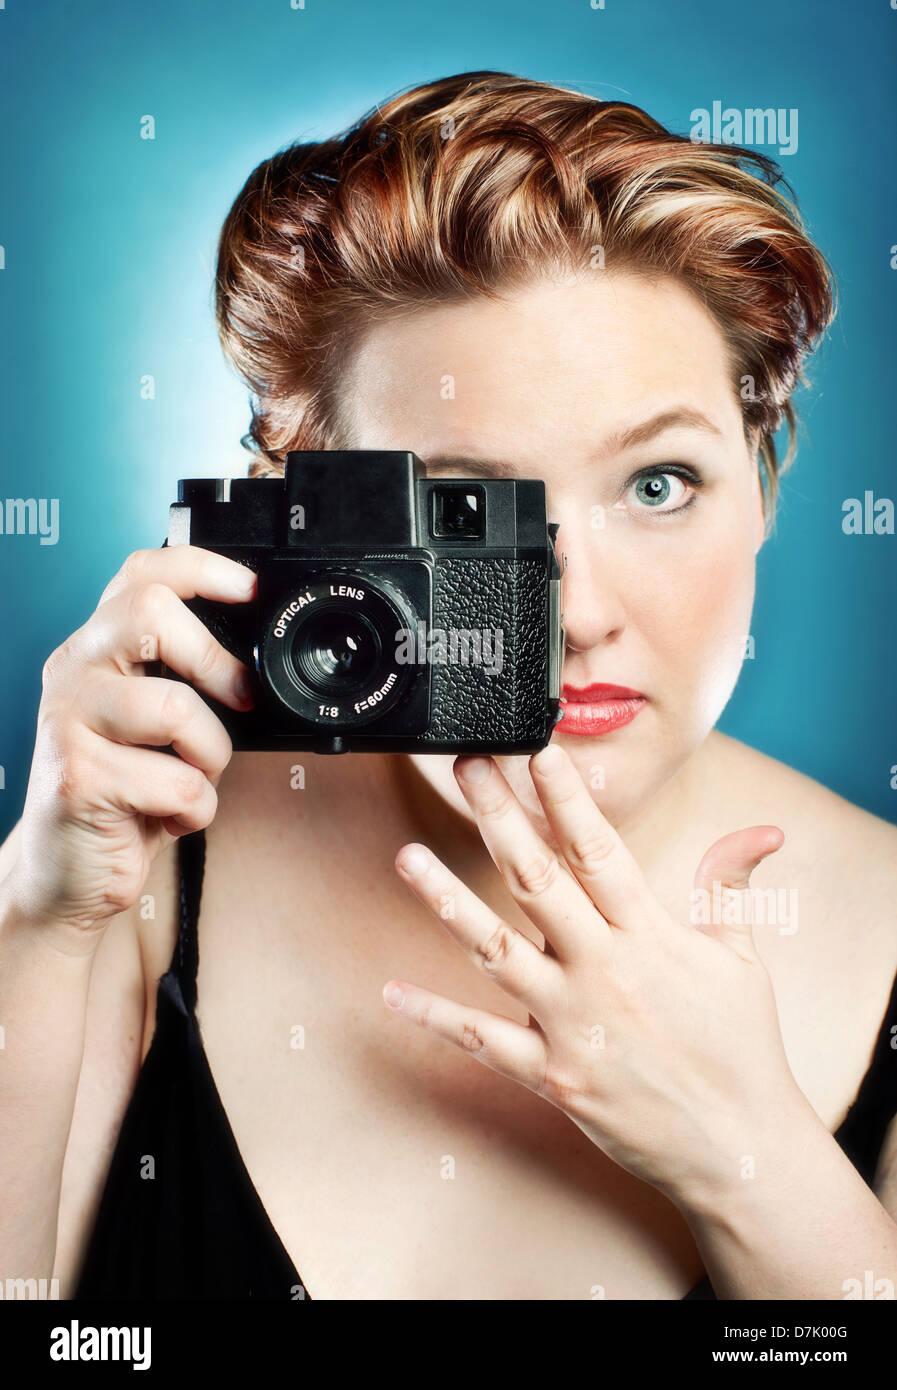 Ritratto di giovane donna di scattare una foto con una fotocamera giocattolo in studio contro uno sfondo blu Immagini Stock